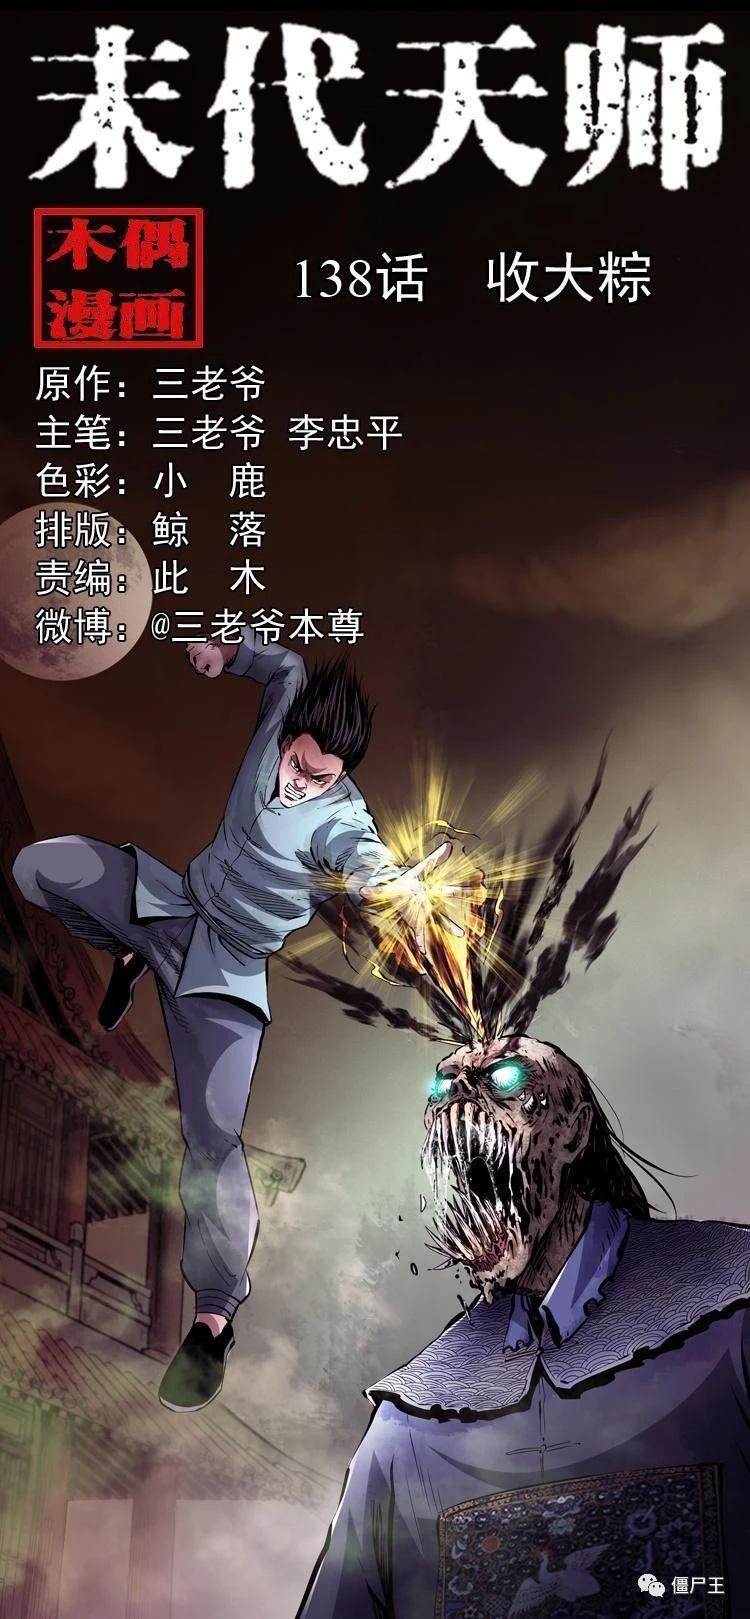 连载漫画:末代天师 第138话之《收大粽》